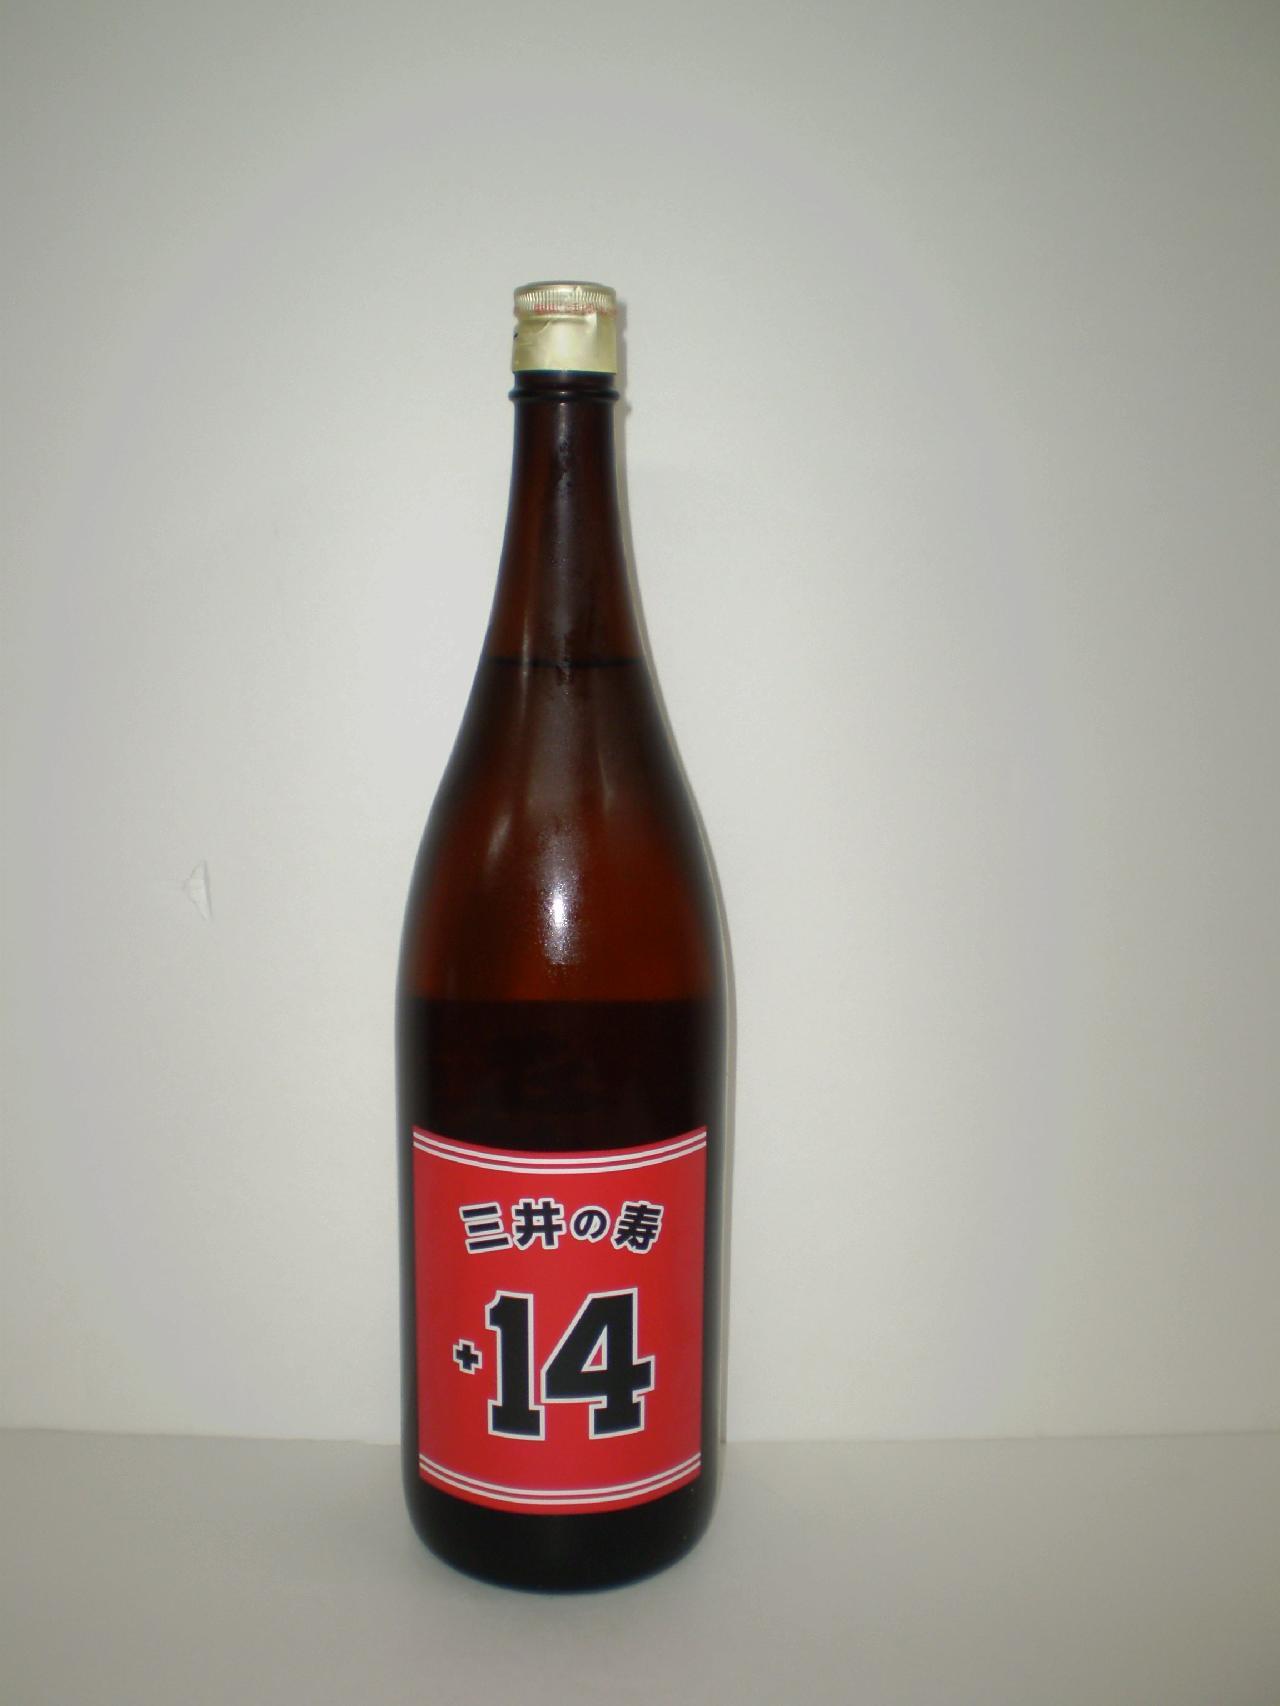 三井の寿 純米吟醸 大辛口 1800ml みいの寿